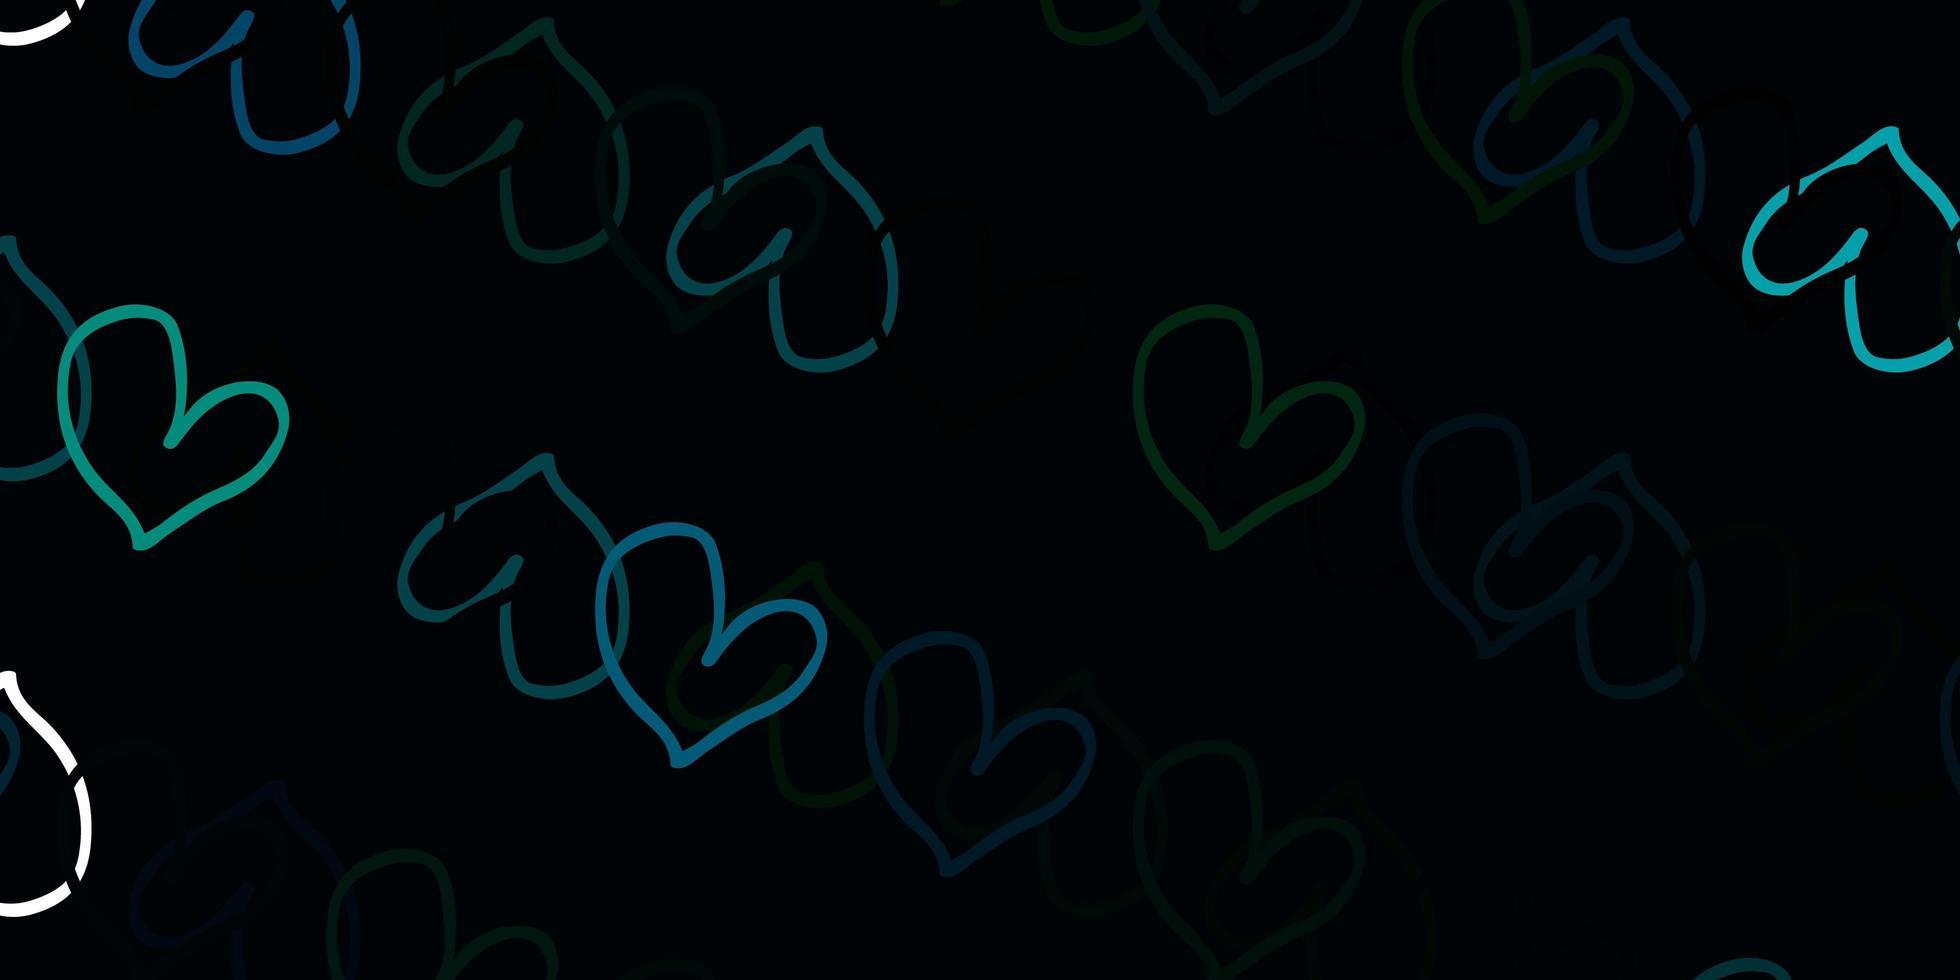 hellblauer, grüner Vektorhintergrund mit Herzen. vektor